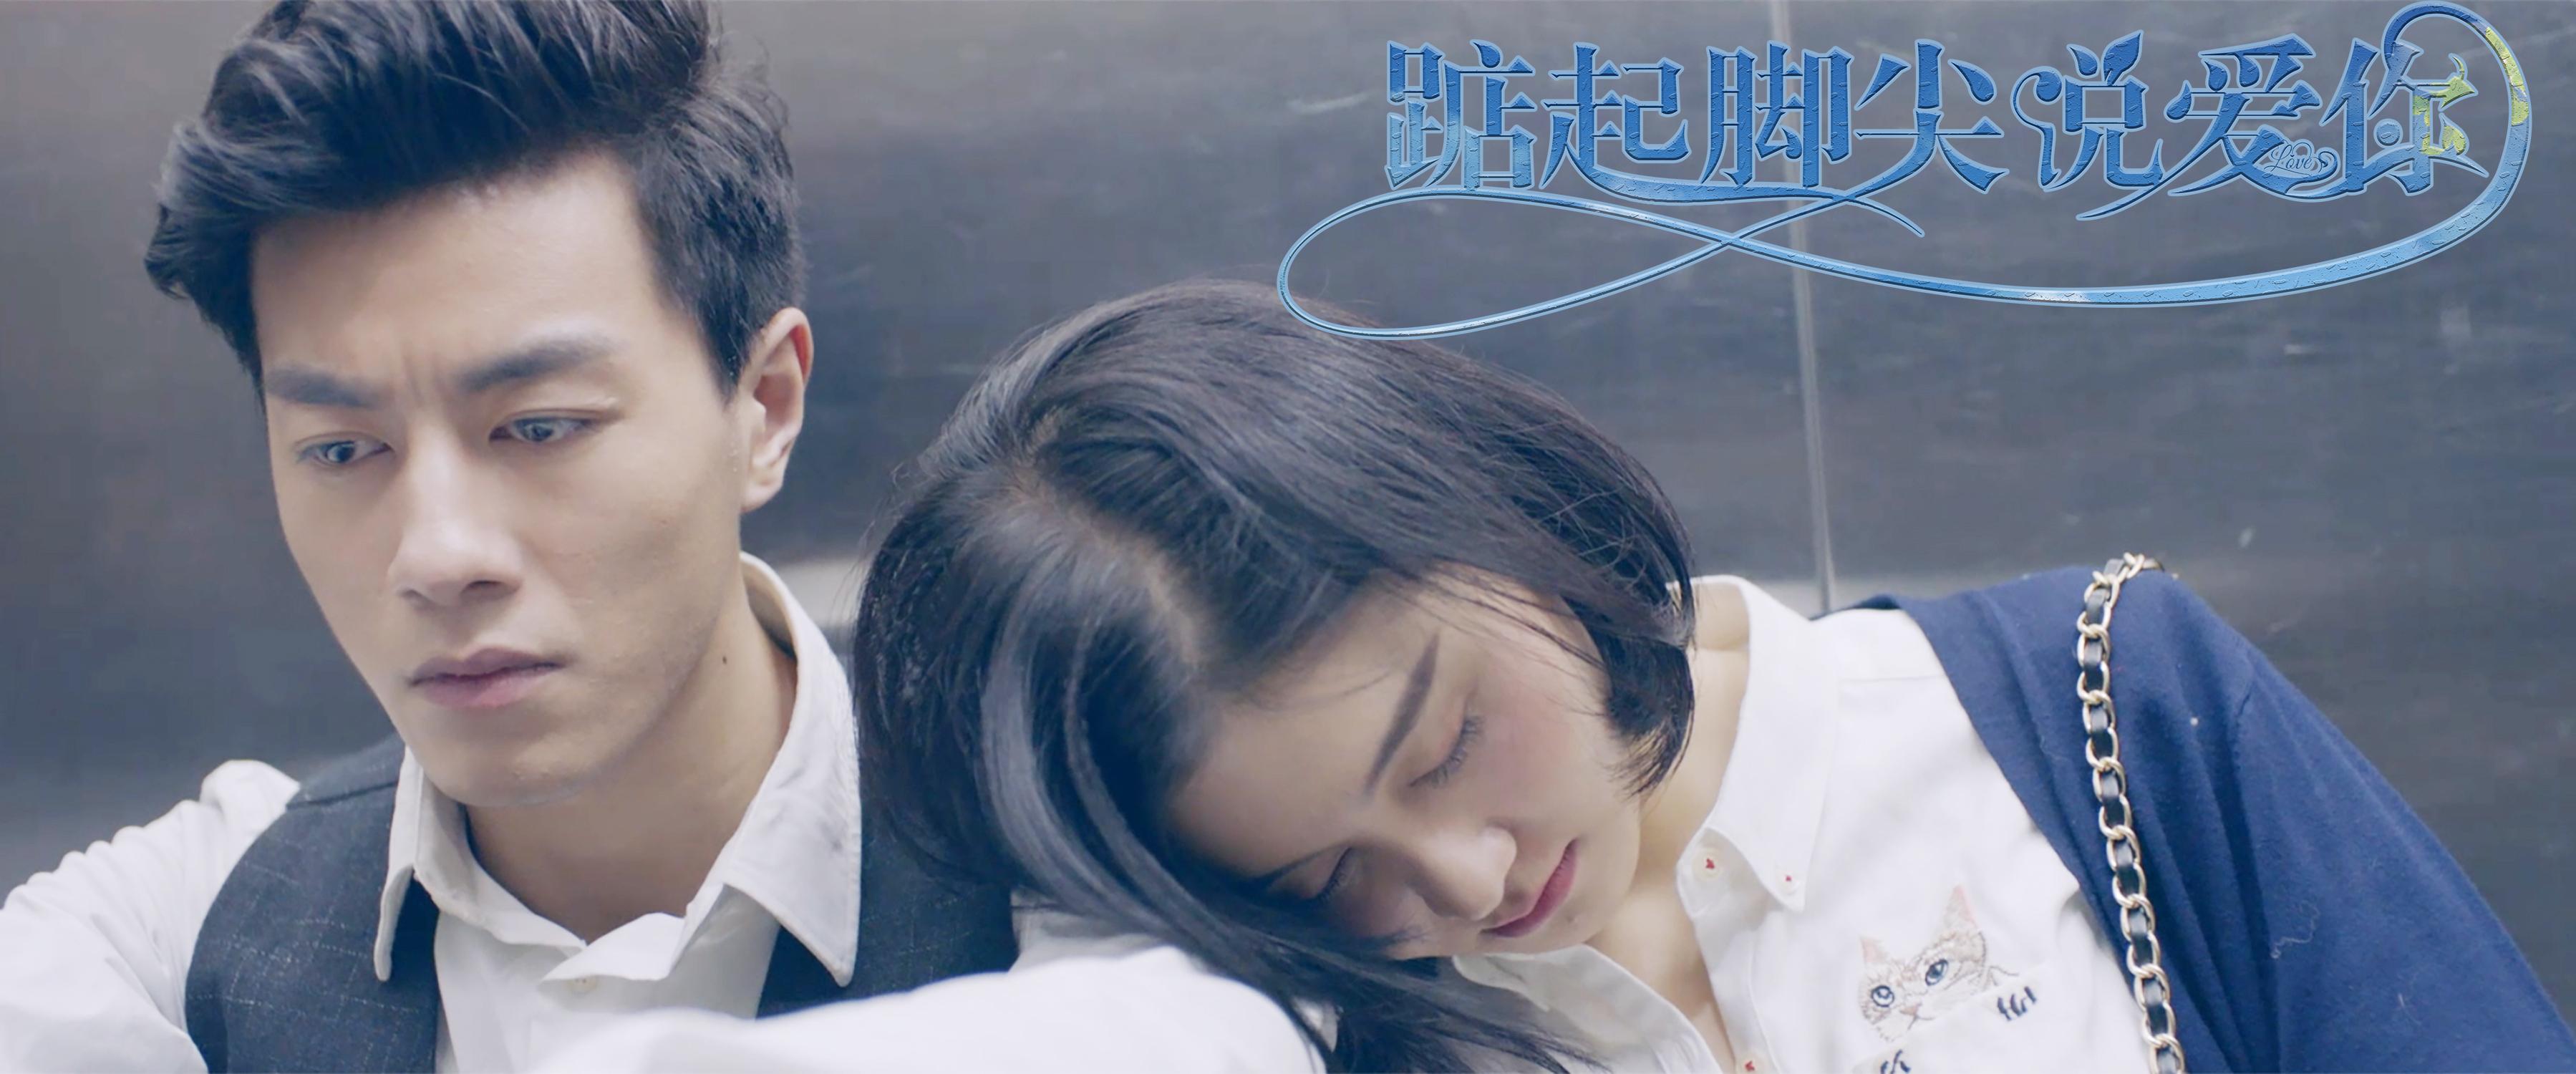 青春爱情电影《踮起脚尖说爱你》定档12月3日